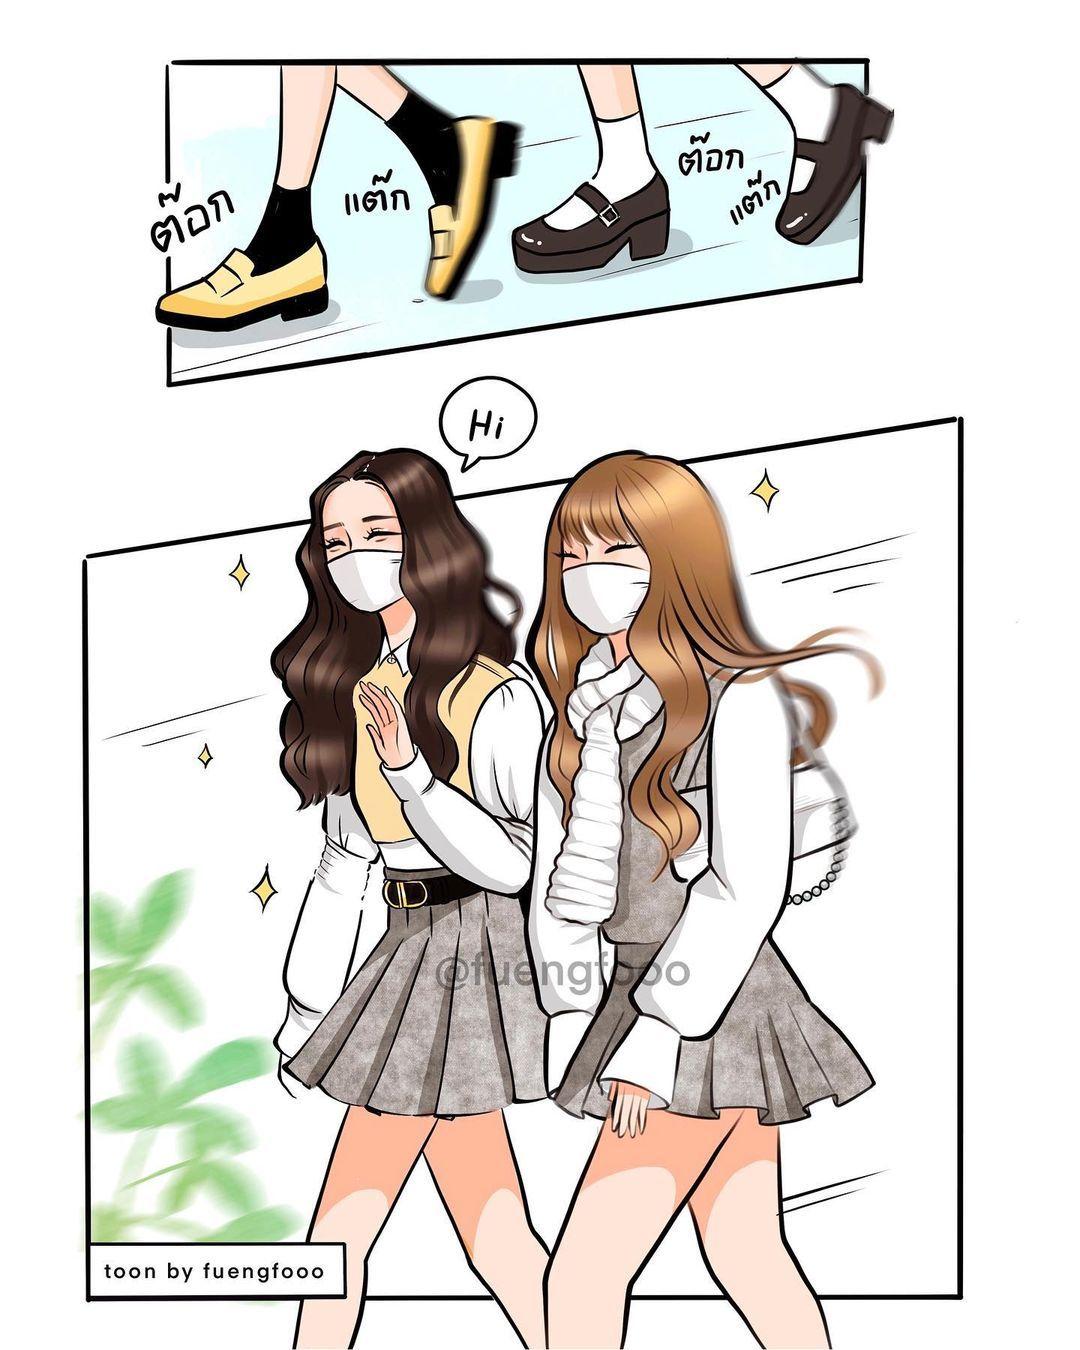 𝗙𝗨𝗘𝗡𝗚𝗙𝗢𝗢𝗢 เ ฟ อ ง ฟ En Instagram At Knowing Brother School หาทำอ กแล ว ม ความอยากวาดการ ต นไอ ต าว 4 ก Blackpink Poster Fan Art Anime